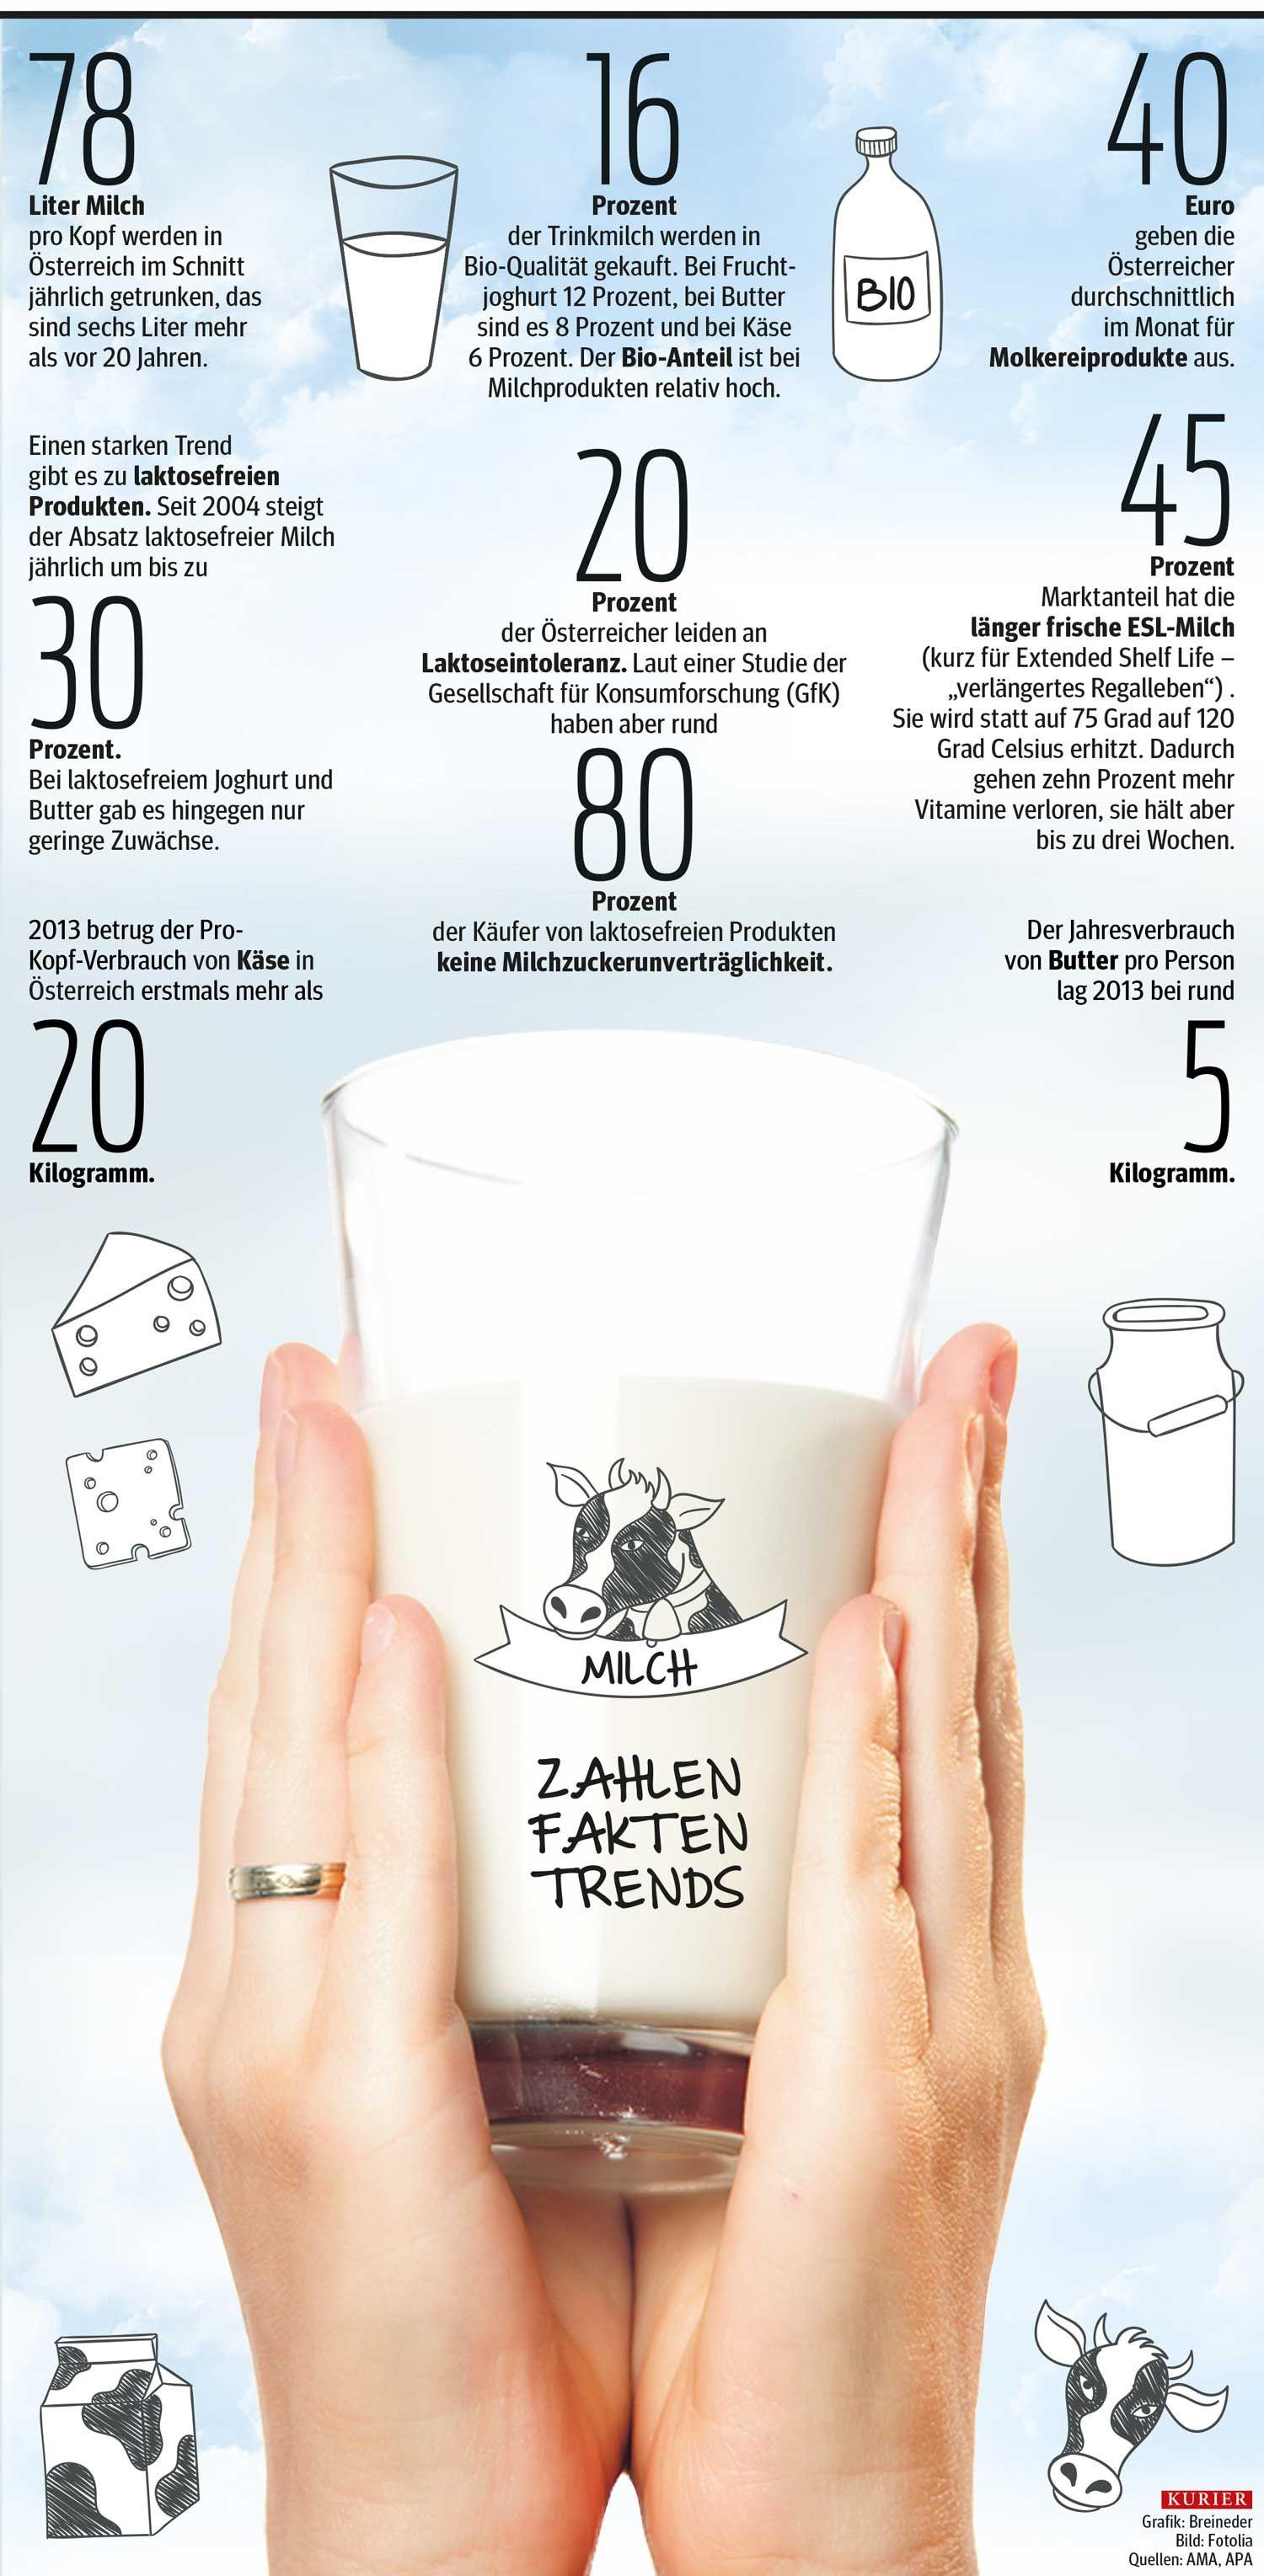 Milch ist besser als ihr Ruf... http://kurier.at/infografik ...